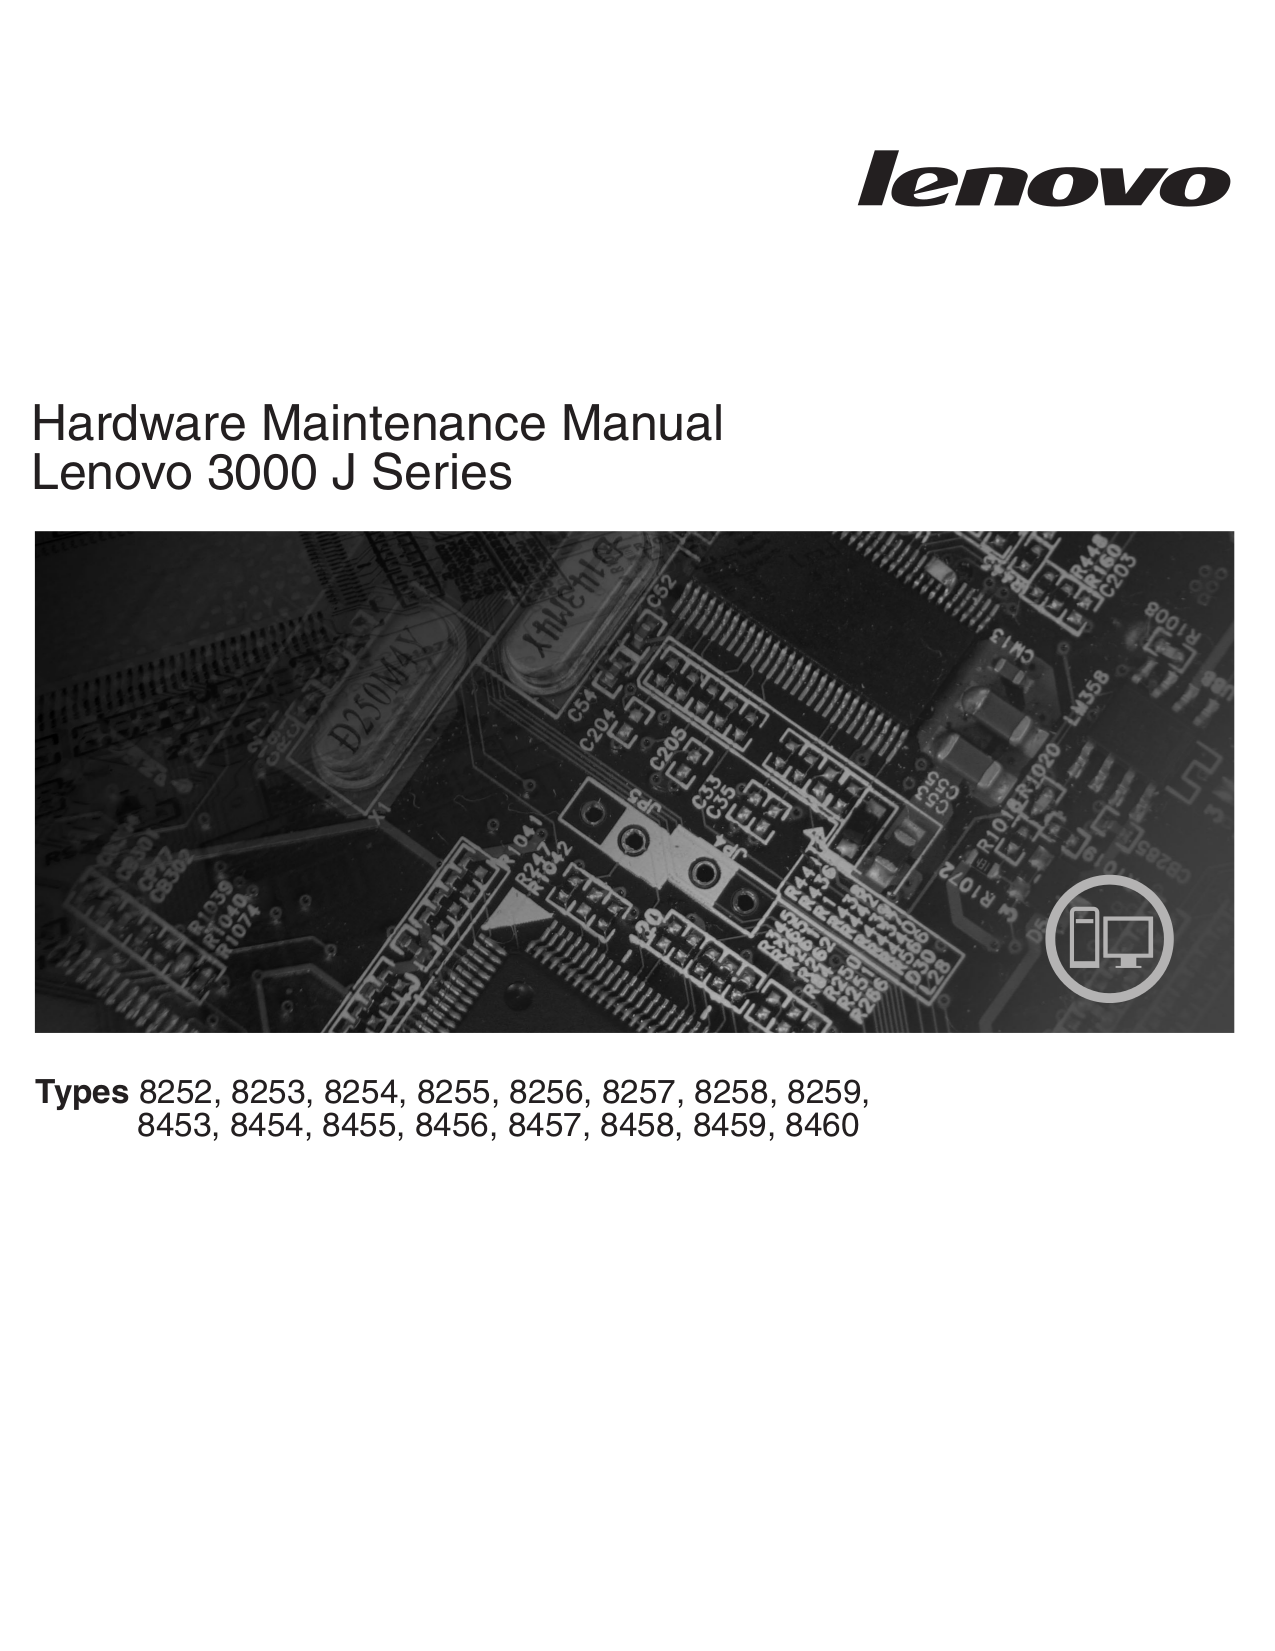 pdf for Lenovo Desktop 3000 J100 8254 manual